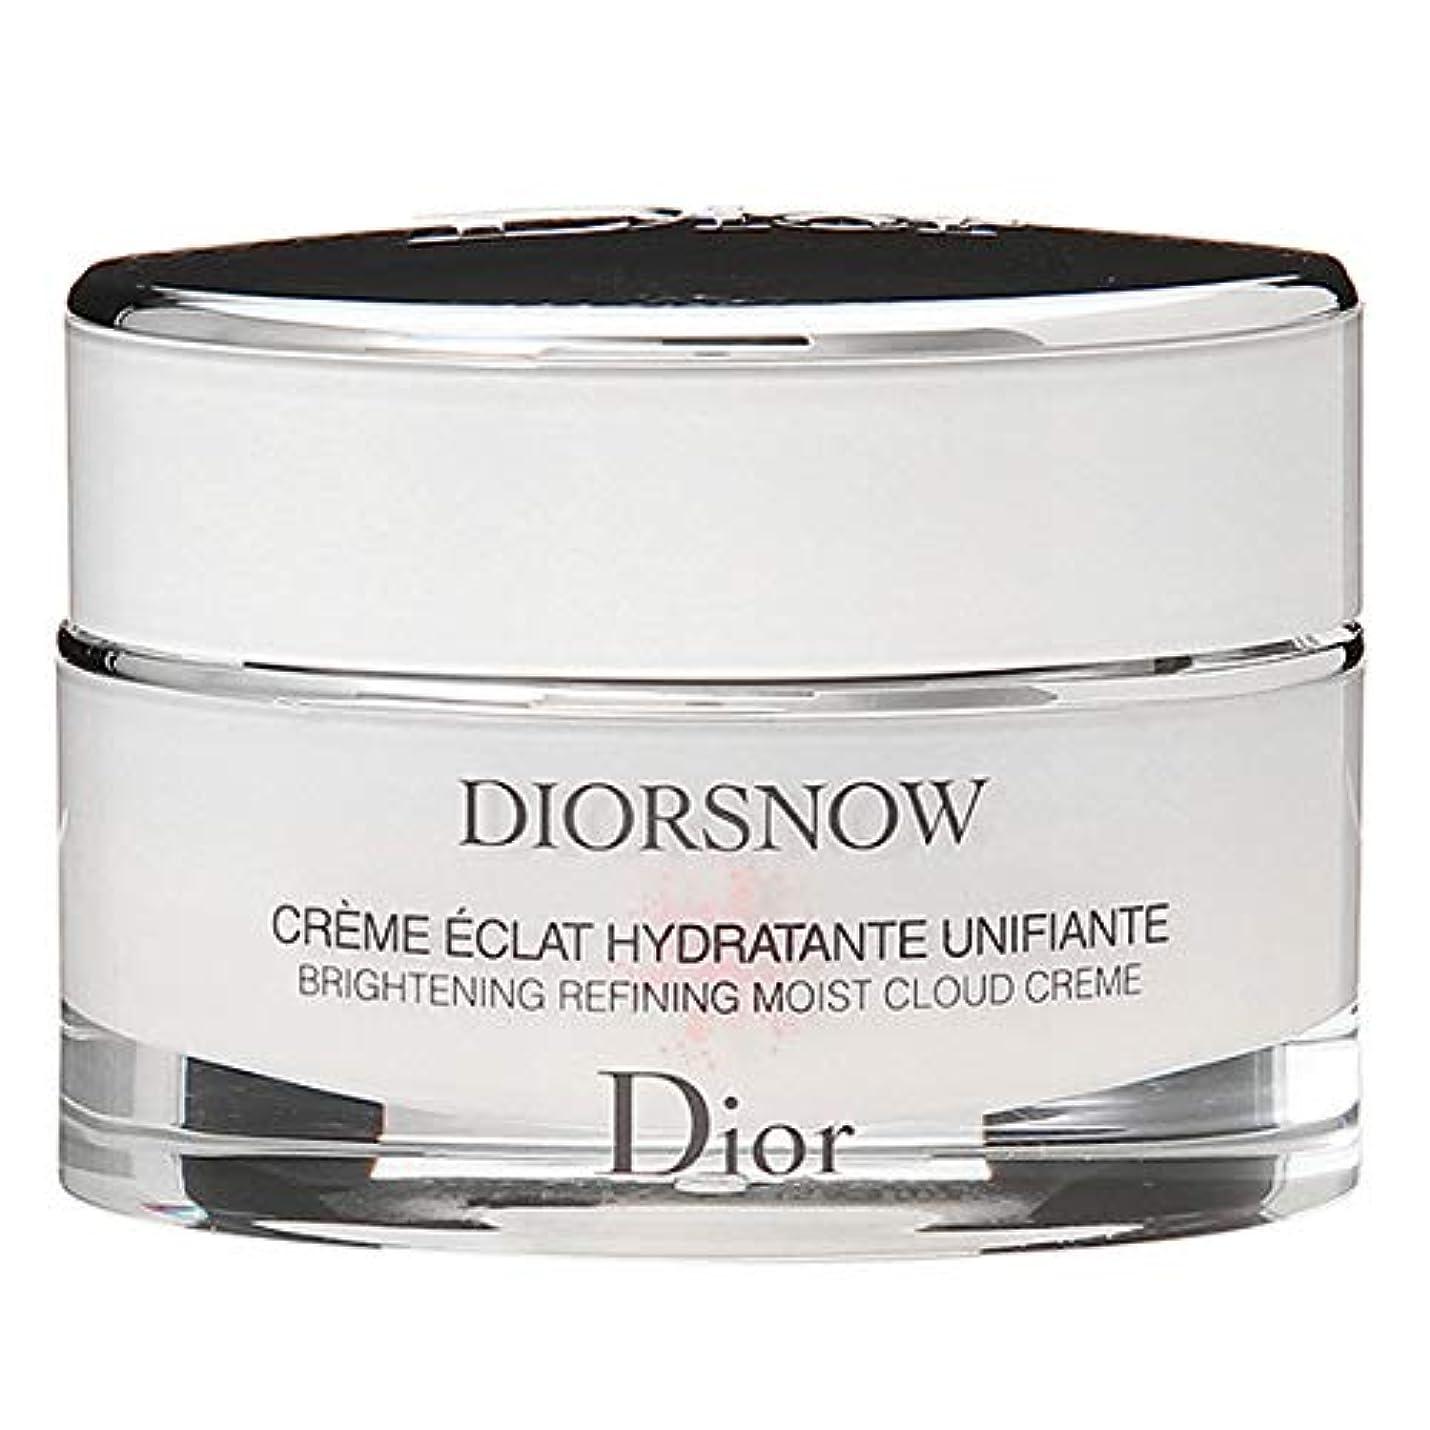 垂直階層気づかないクリスチャンディオール Christian Dior ディオール スノー ブライトニング モイスト クリーム 50mL 【並行輸入品】